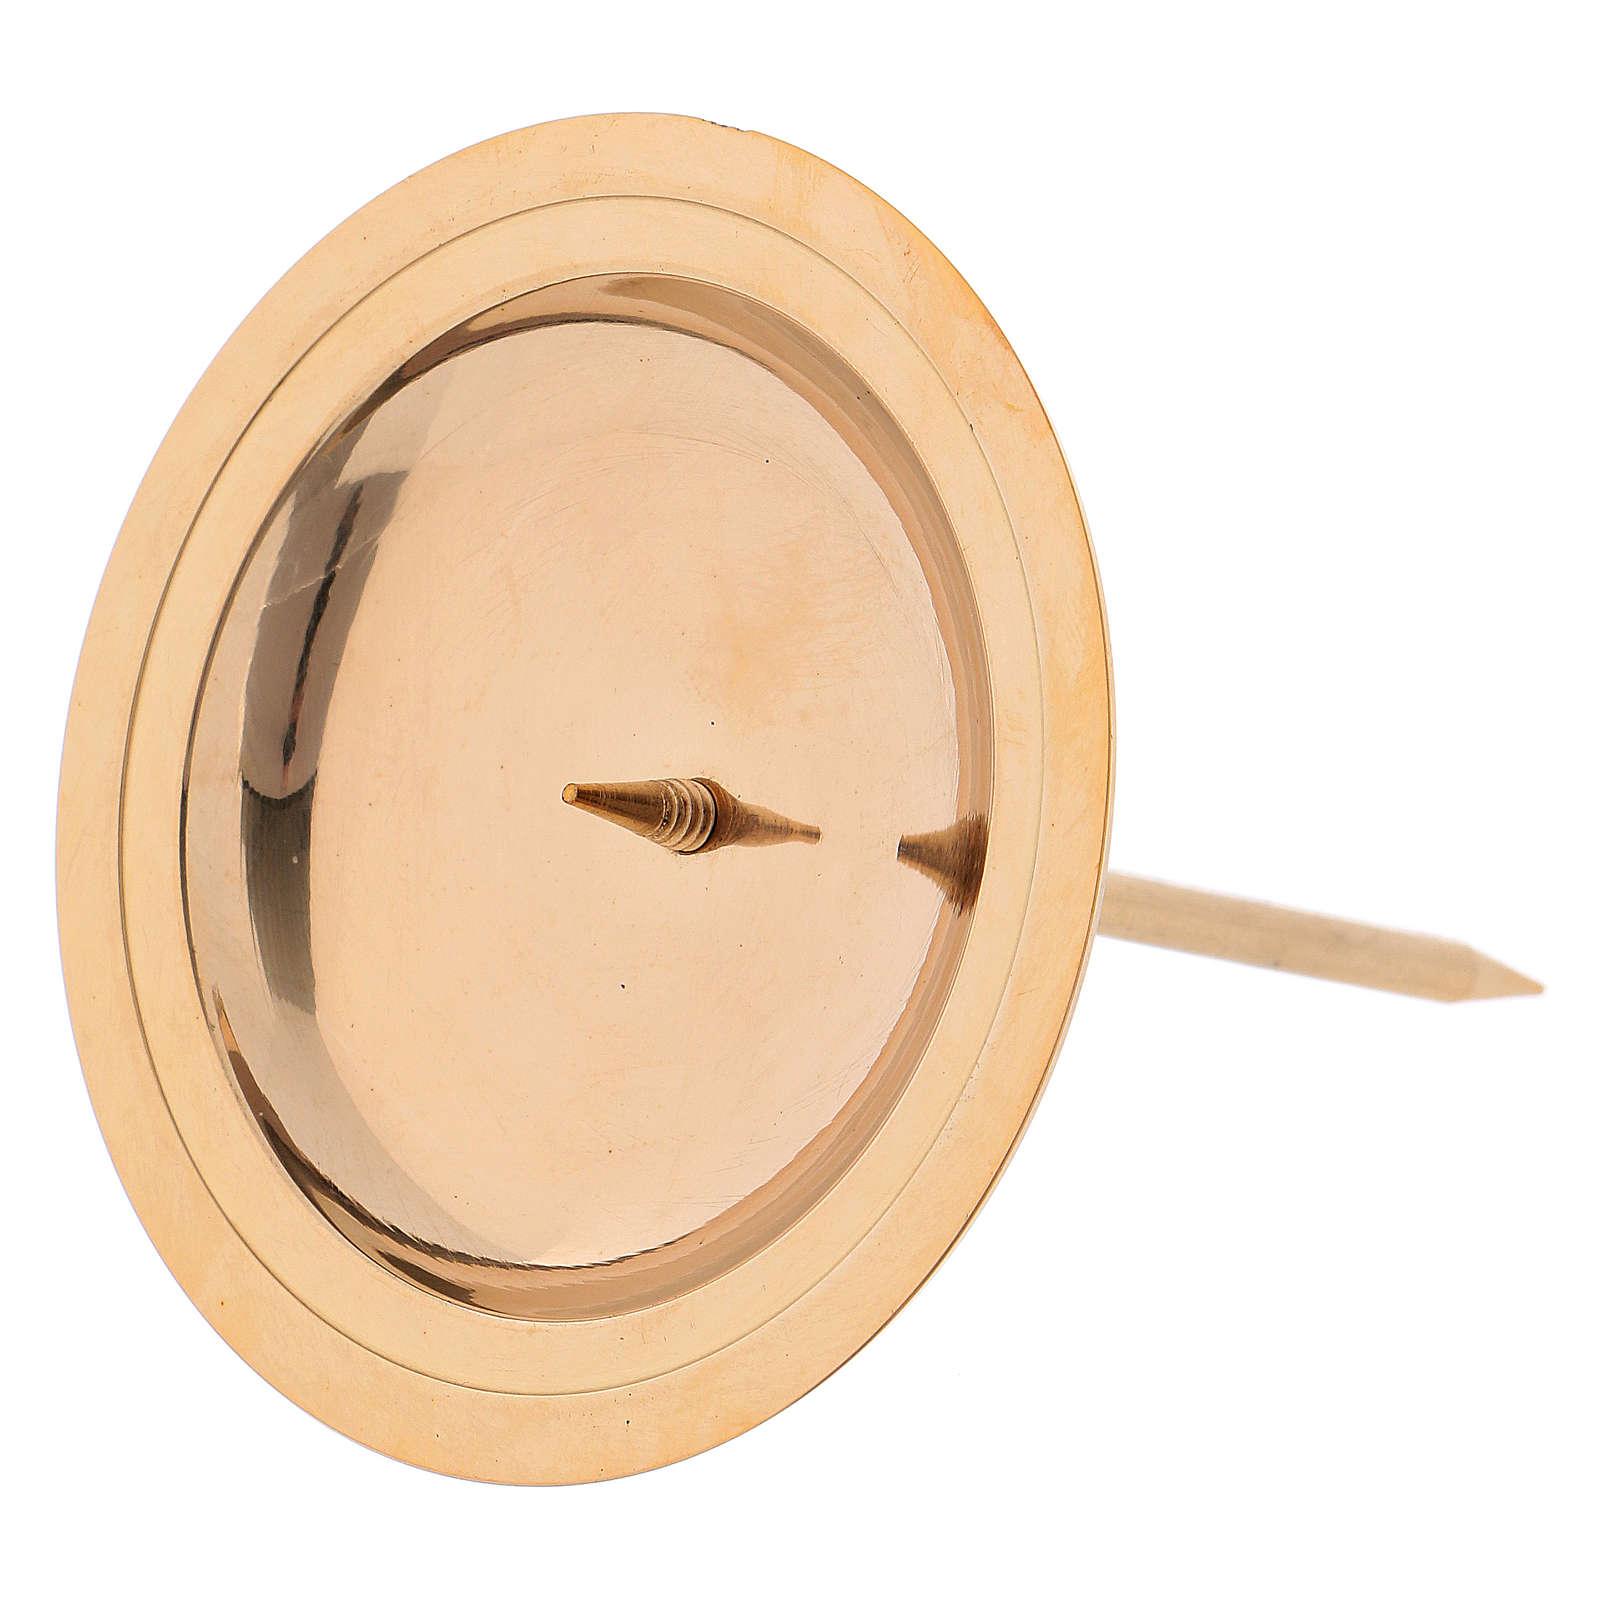 Portacandela per corona avvento 4 pz ottone dorato lucido 3